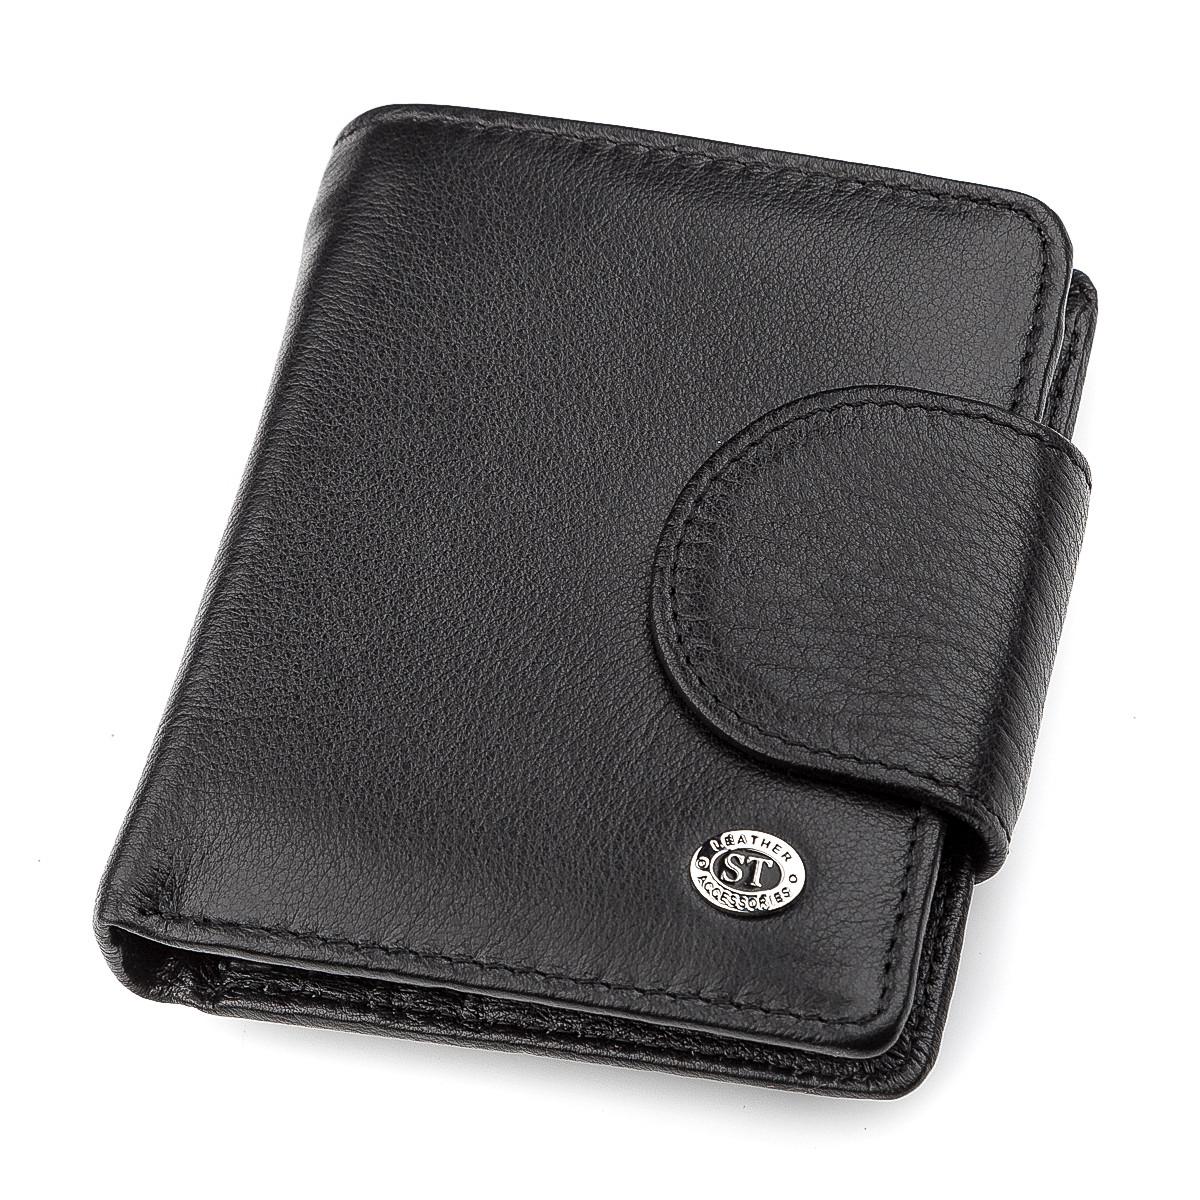 Кошелек женский ST Leather 18127 (ST415) кожаный Черный